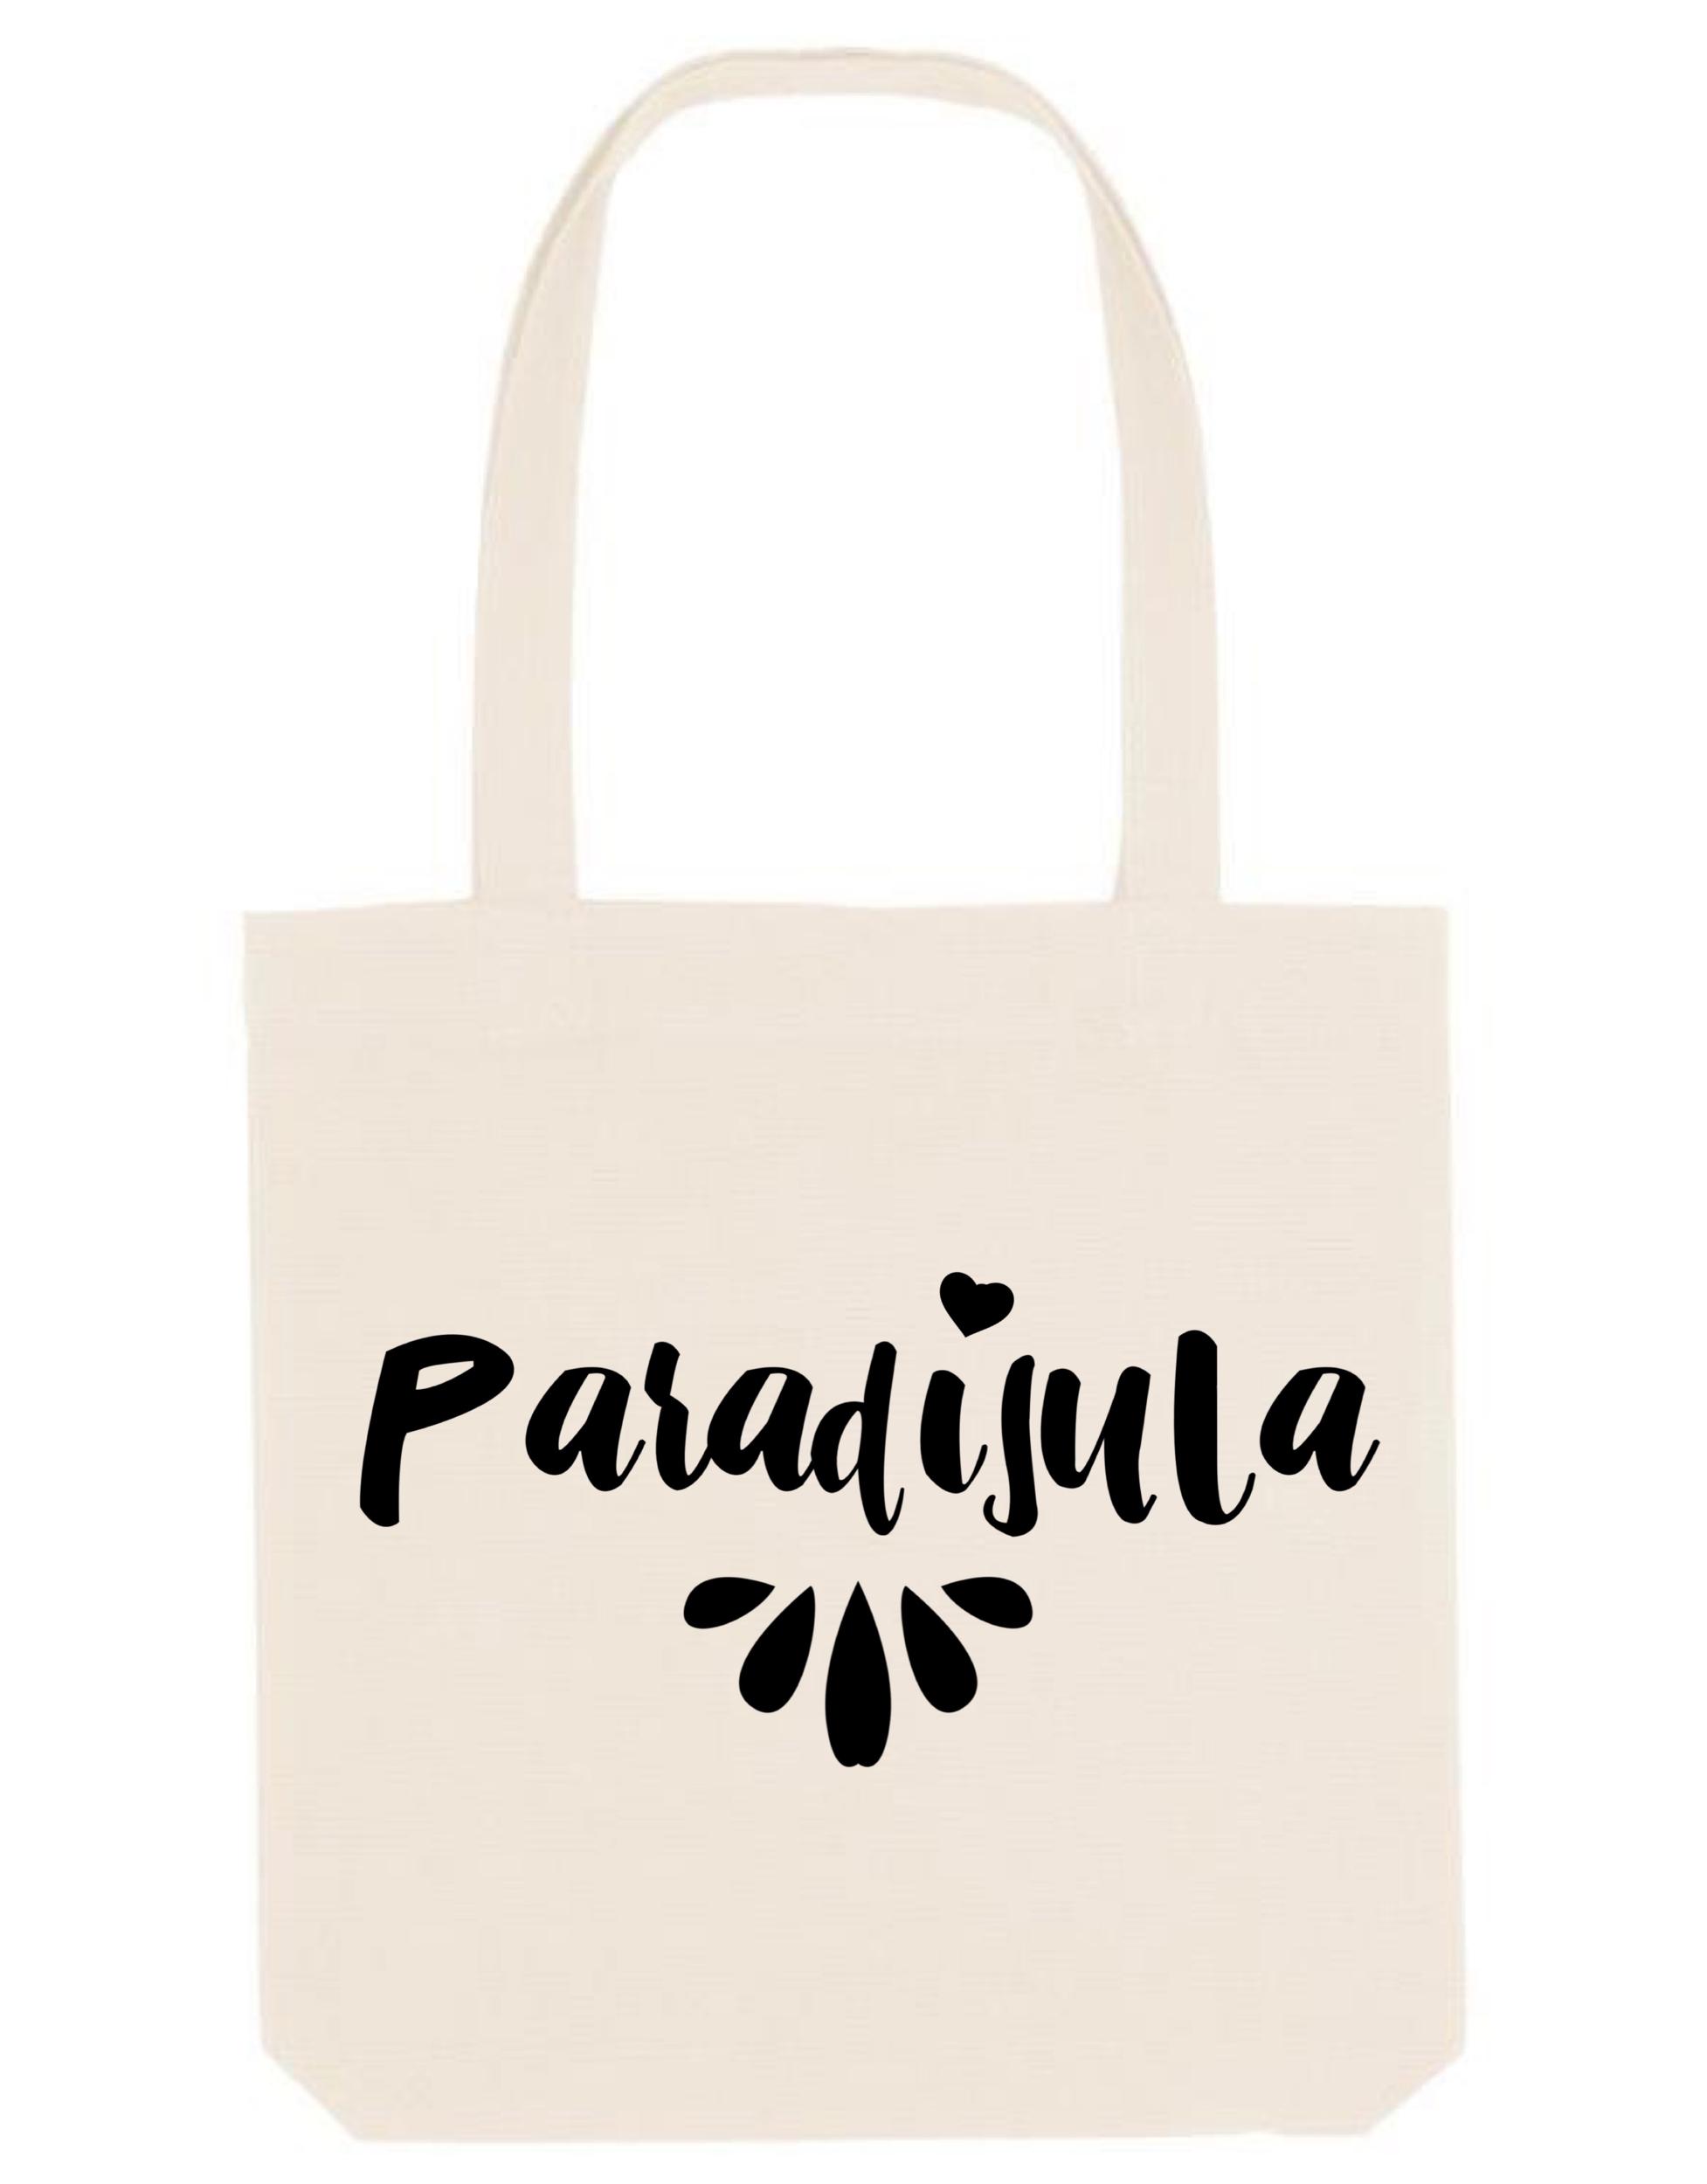 PARADISULA